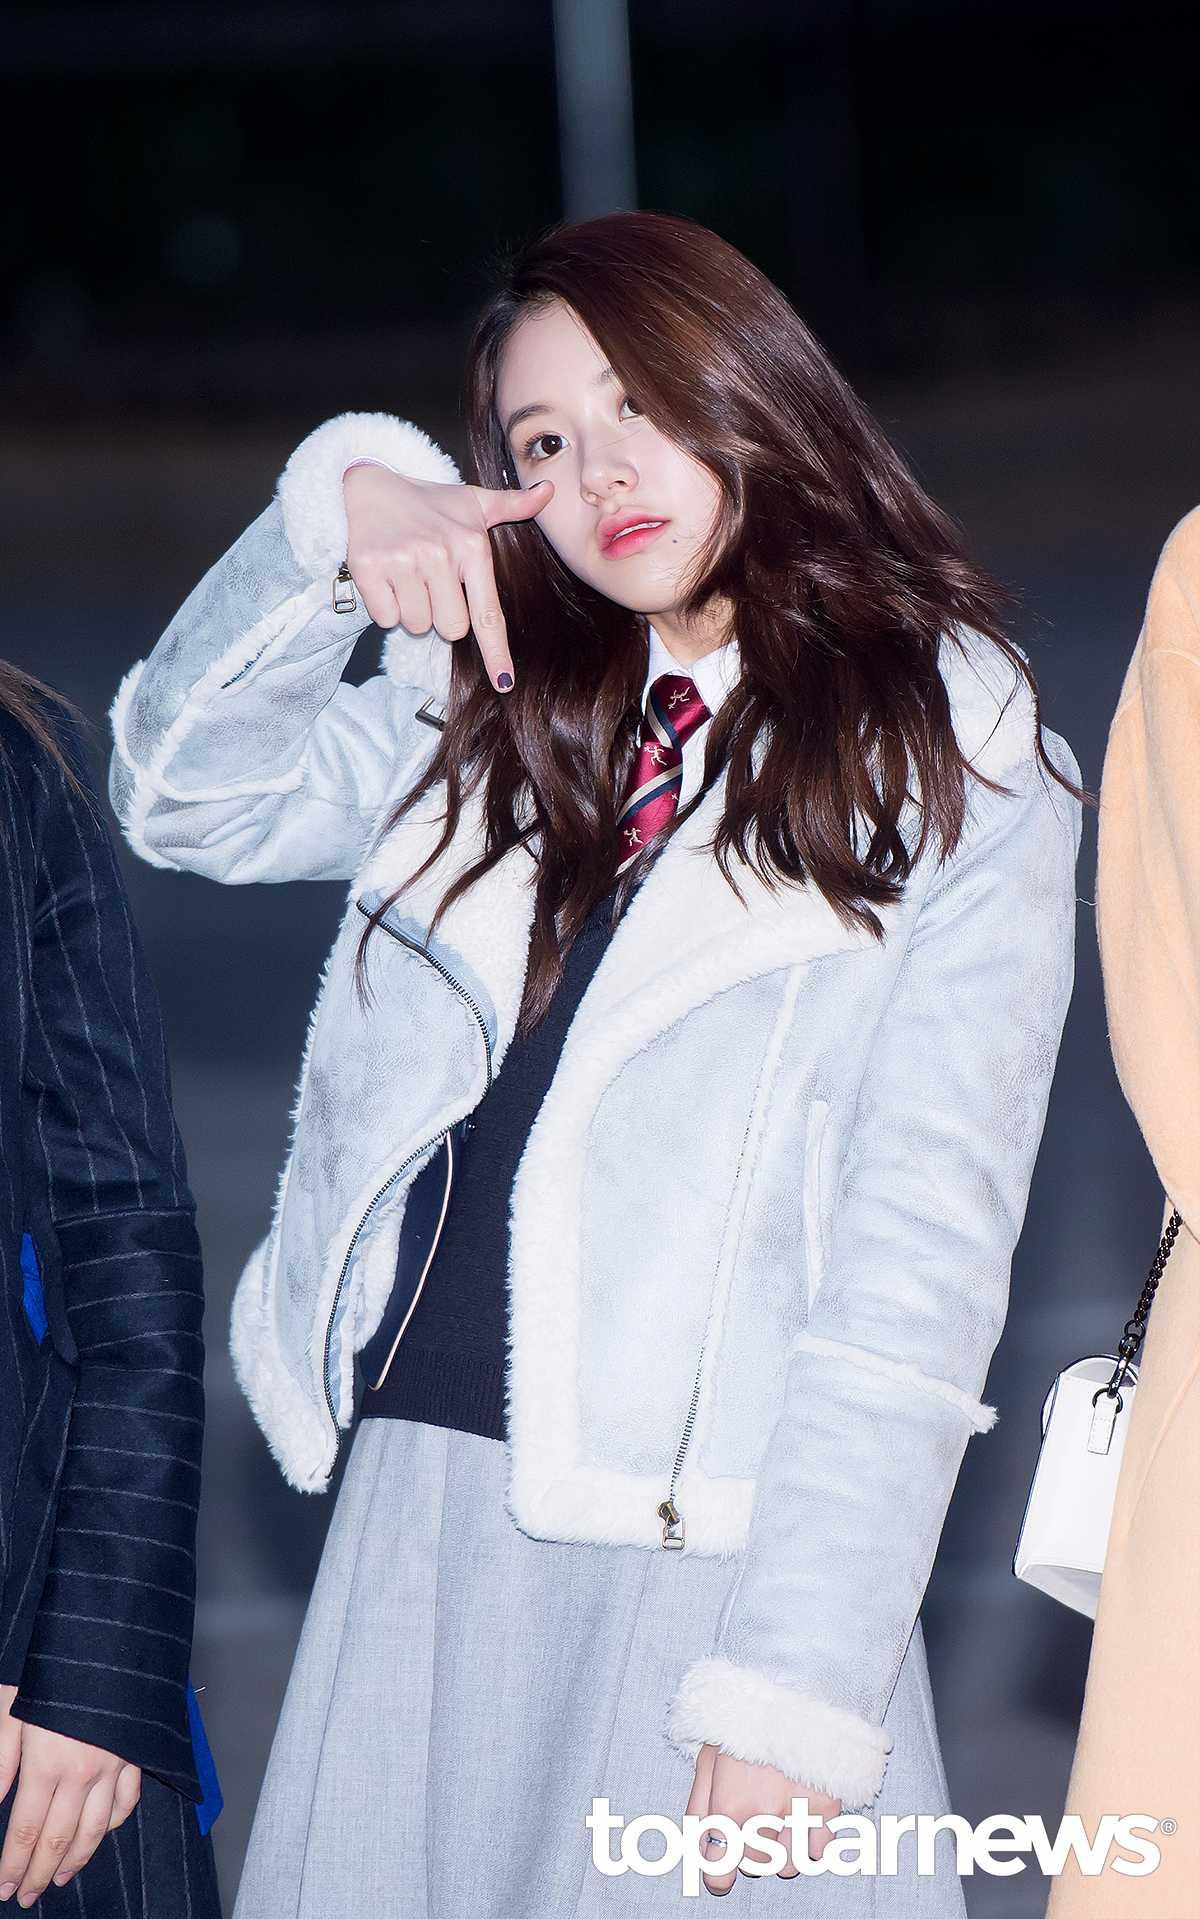 毛邊造型外套,保暖效果佳又好看,可是每年冬天在日韓都賣得超火的單品喔!女孩們可以選擇這種粉嫩淡色或是淺駝色,簡單打造時尚LOOK!